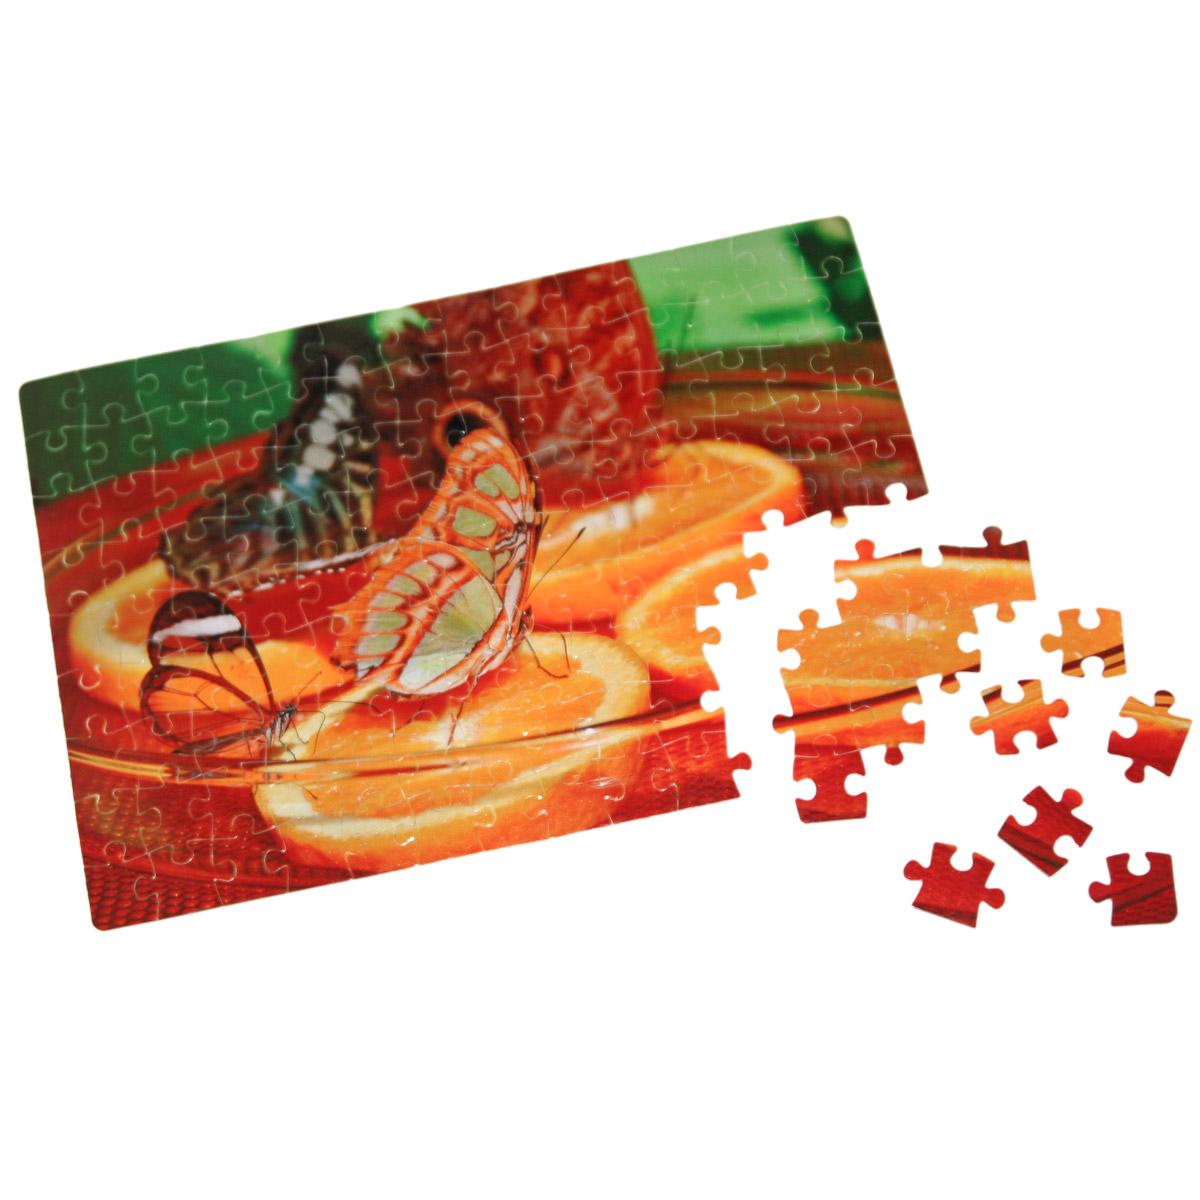 Puzzle do sublimacji - 96 elementów (paczka 10 szt.)